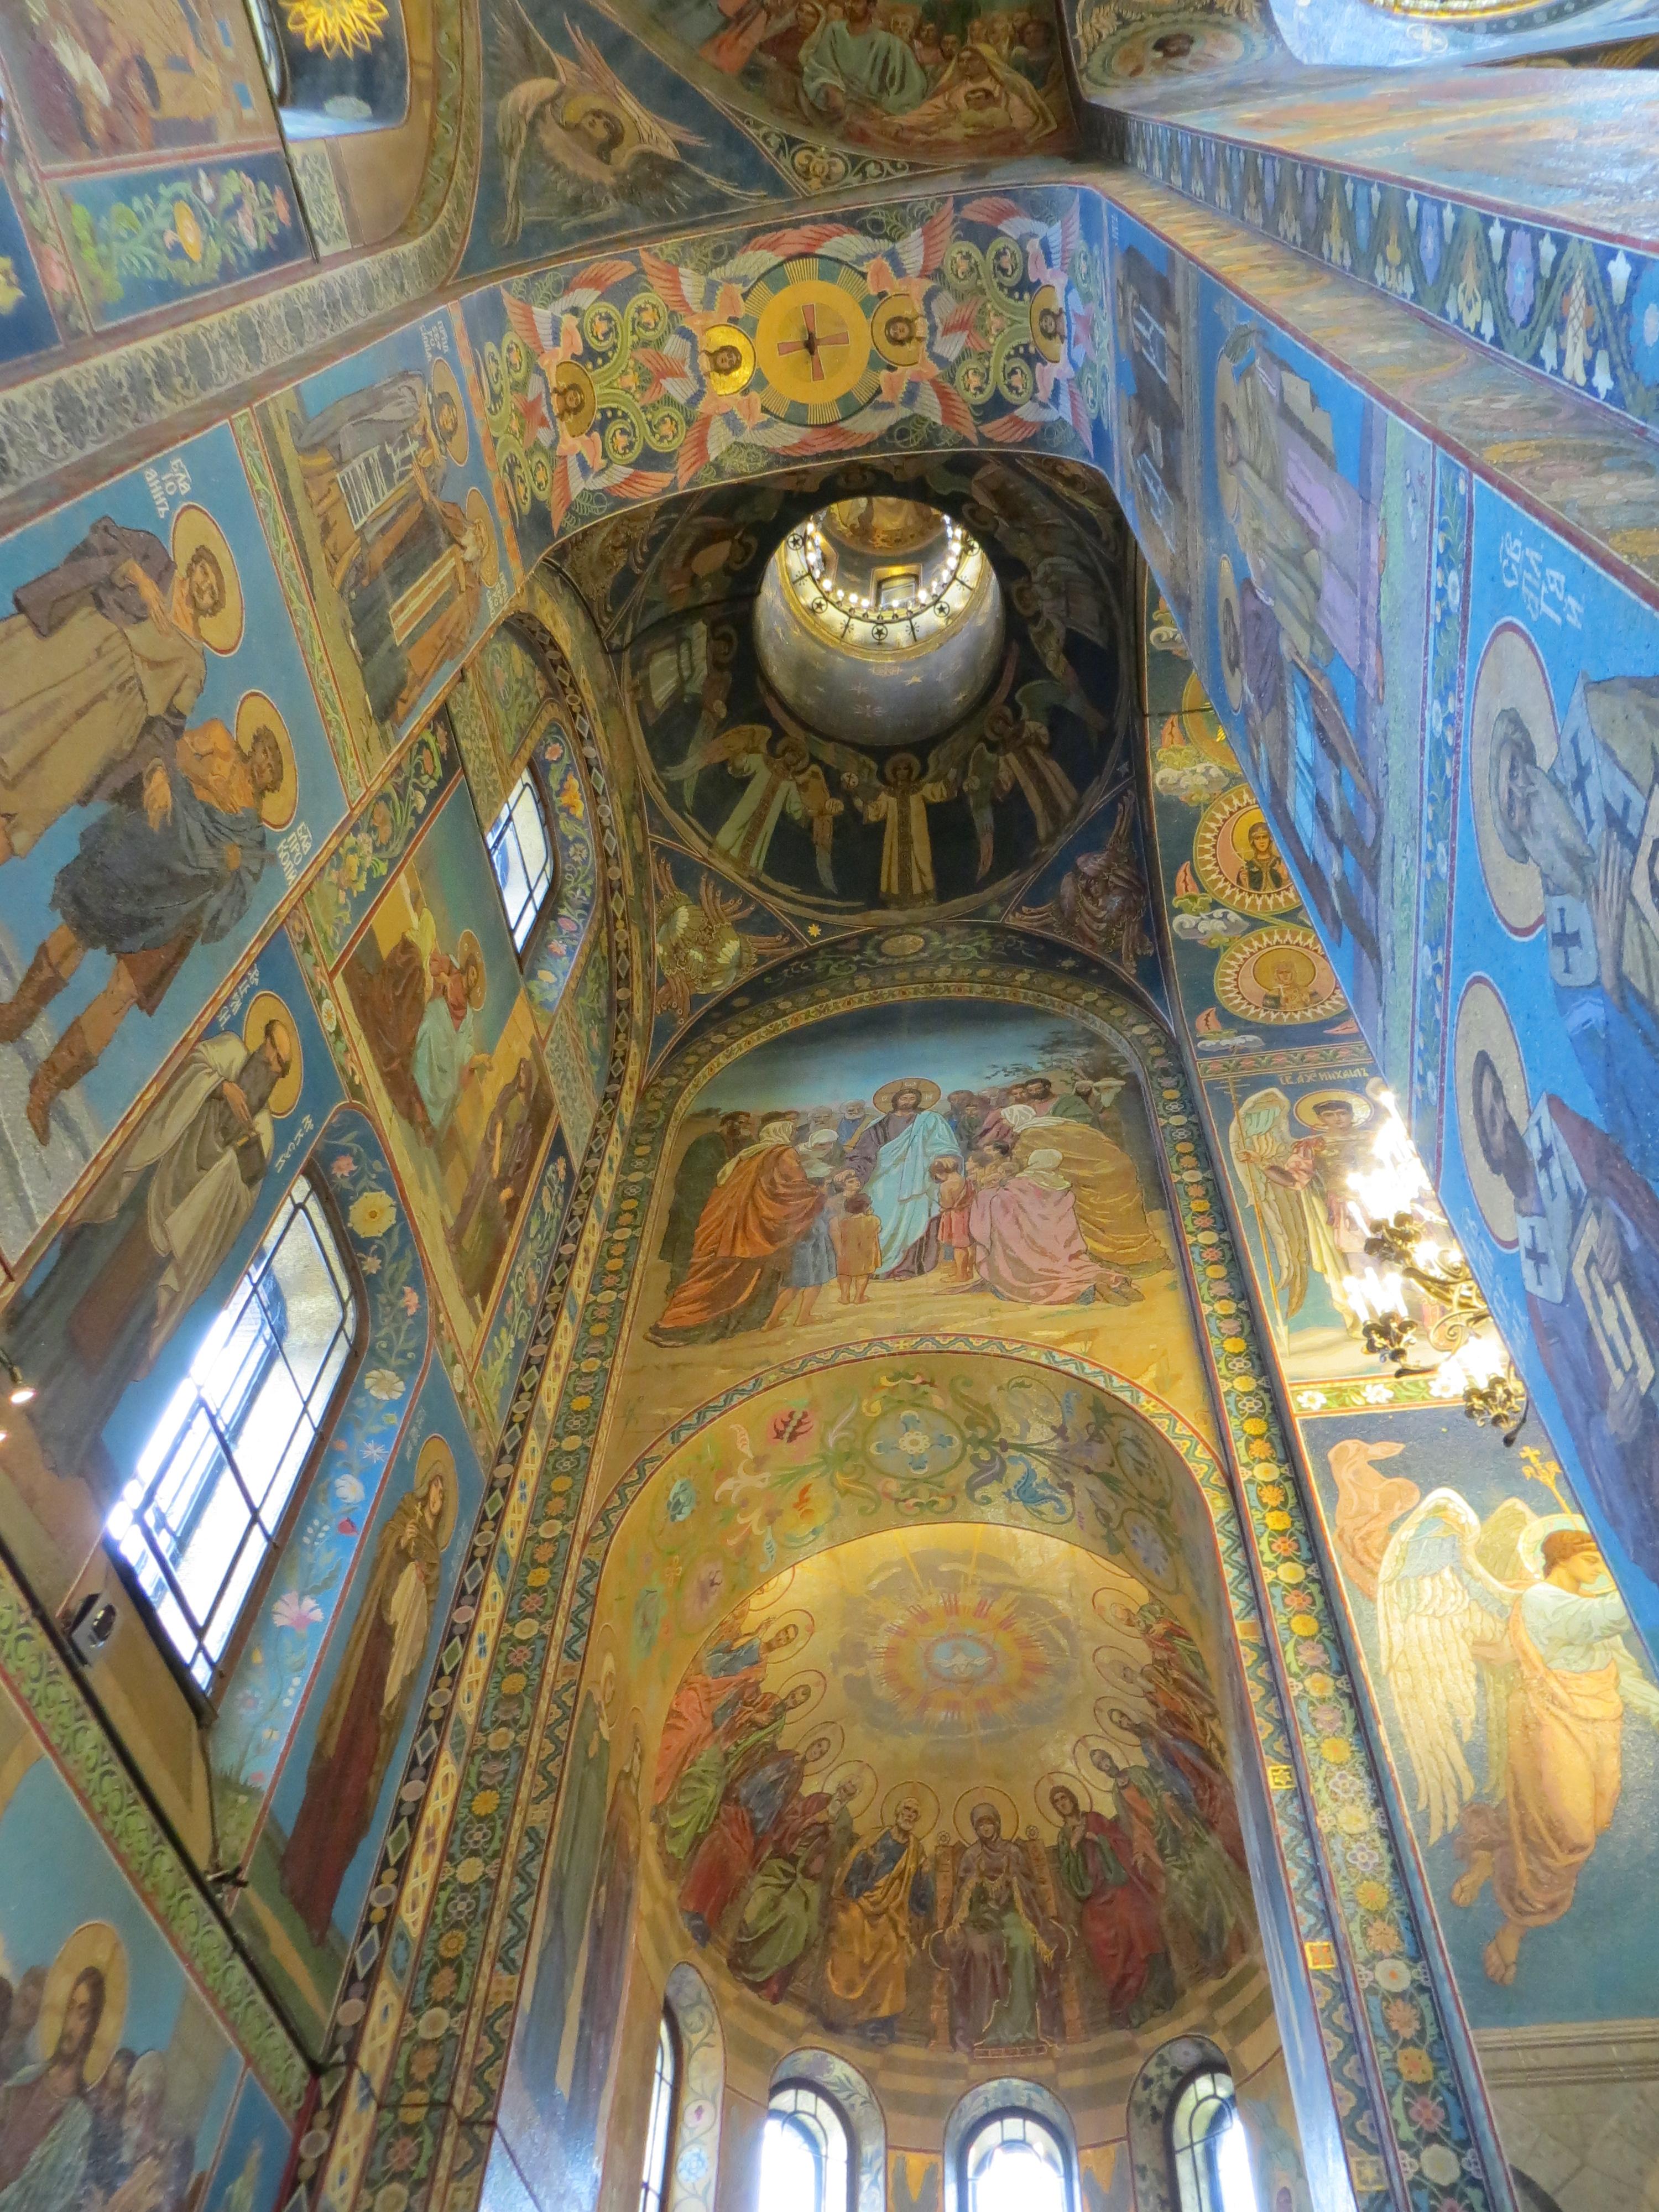 St Petesburg spilled blood church